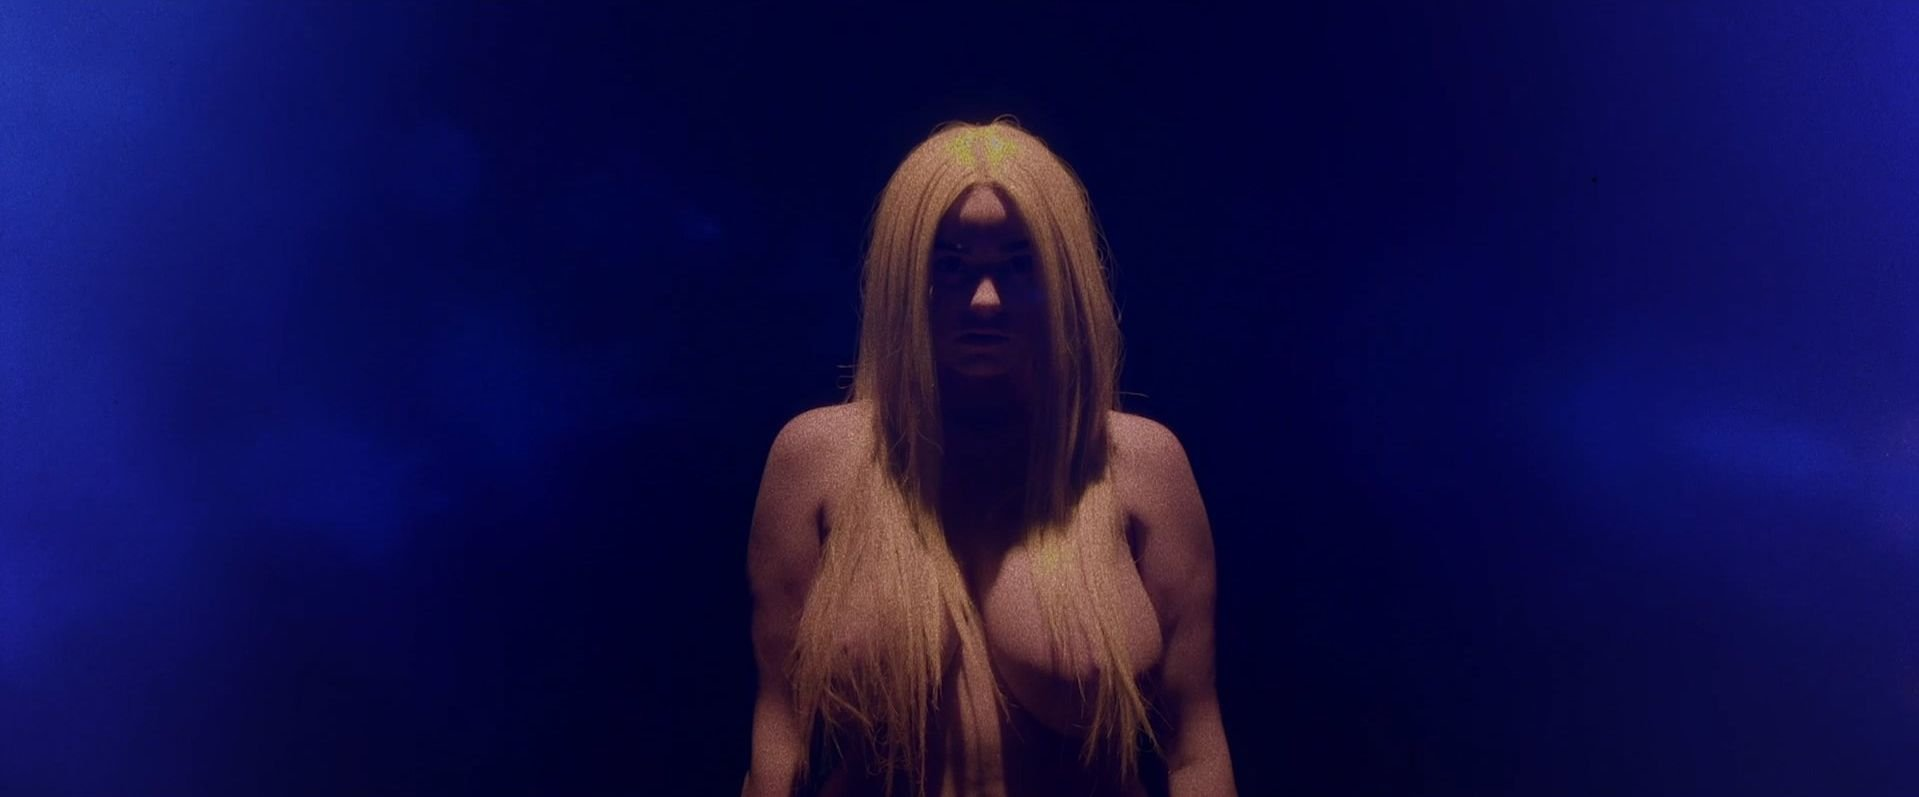 Grace phipps nude